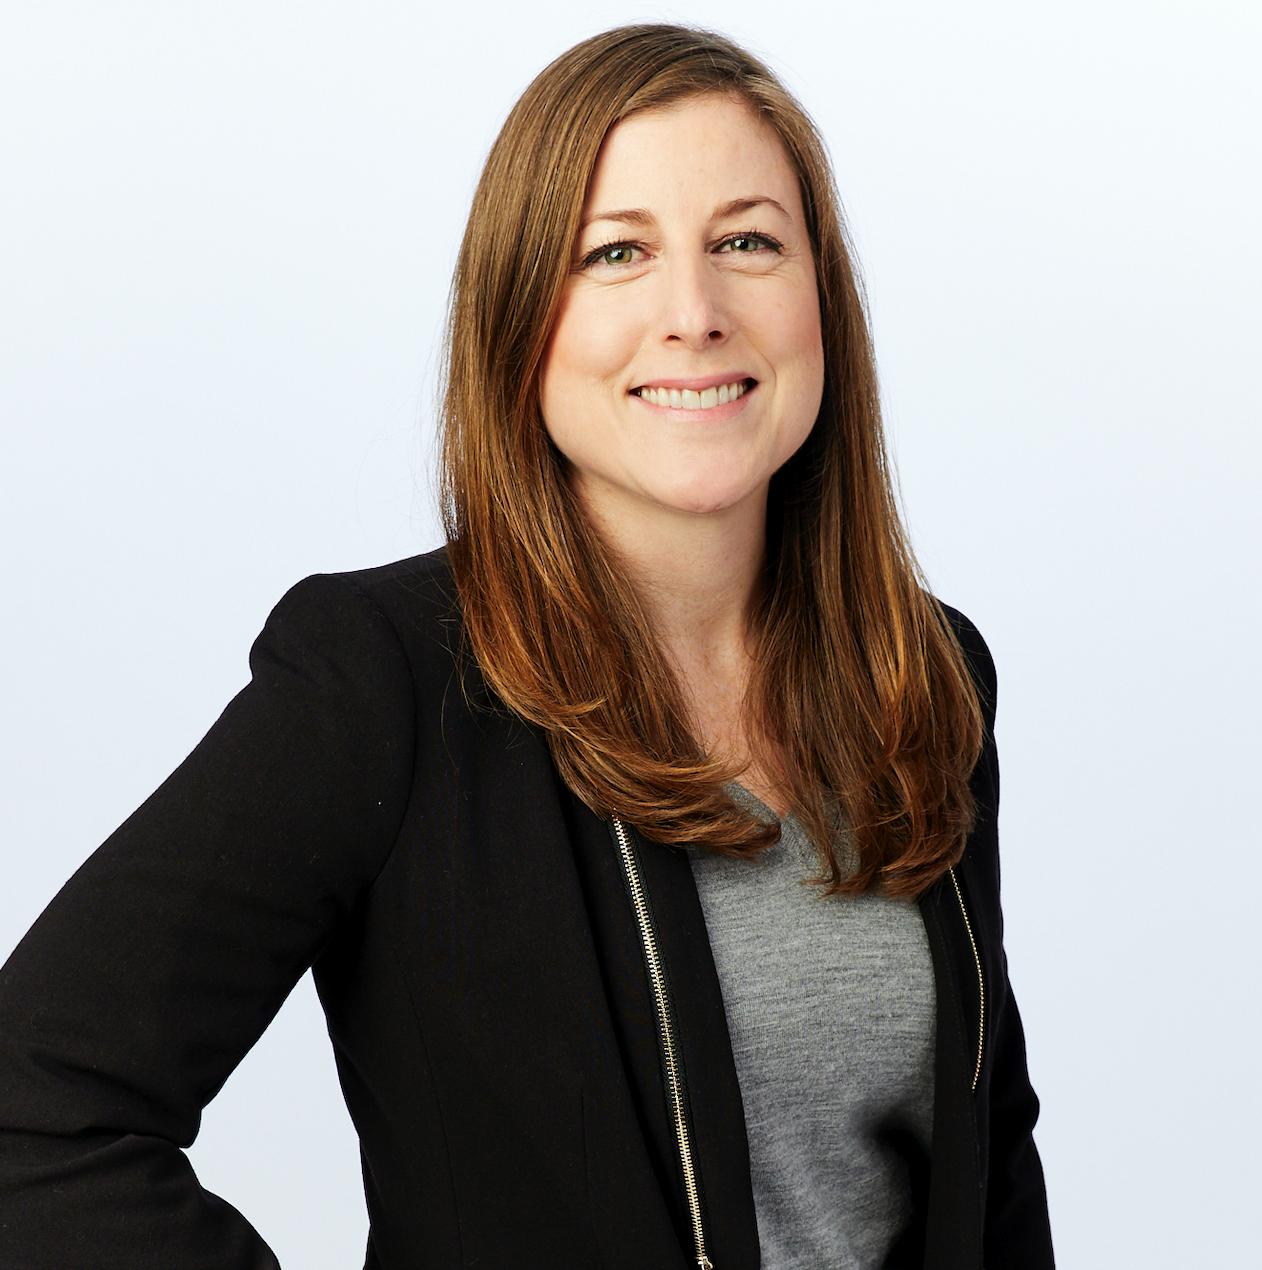 Brittney Weissman, Executive Director of Hollywood 4WRD